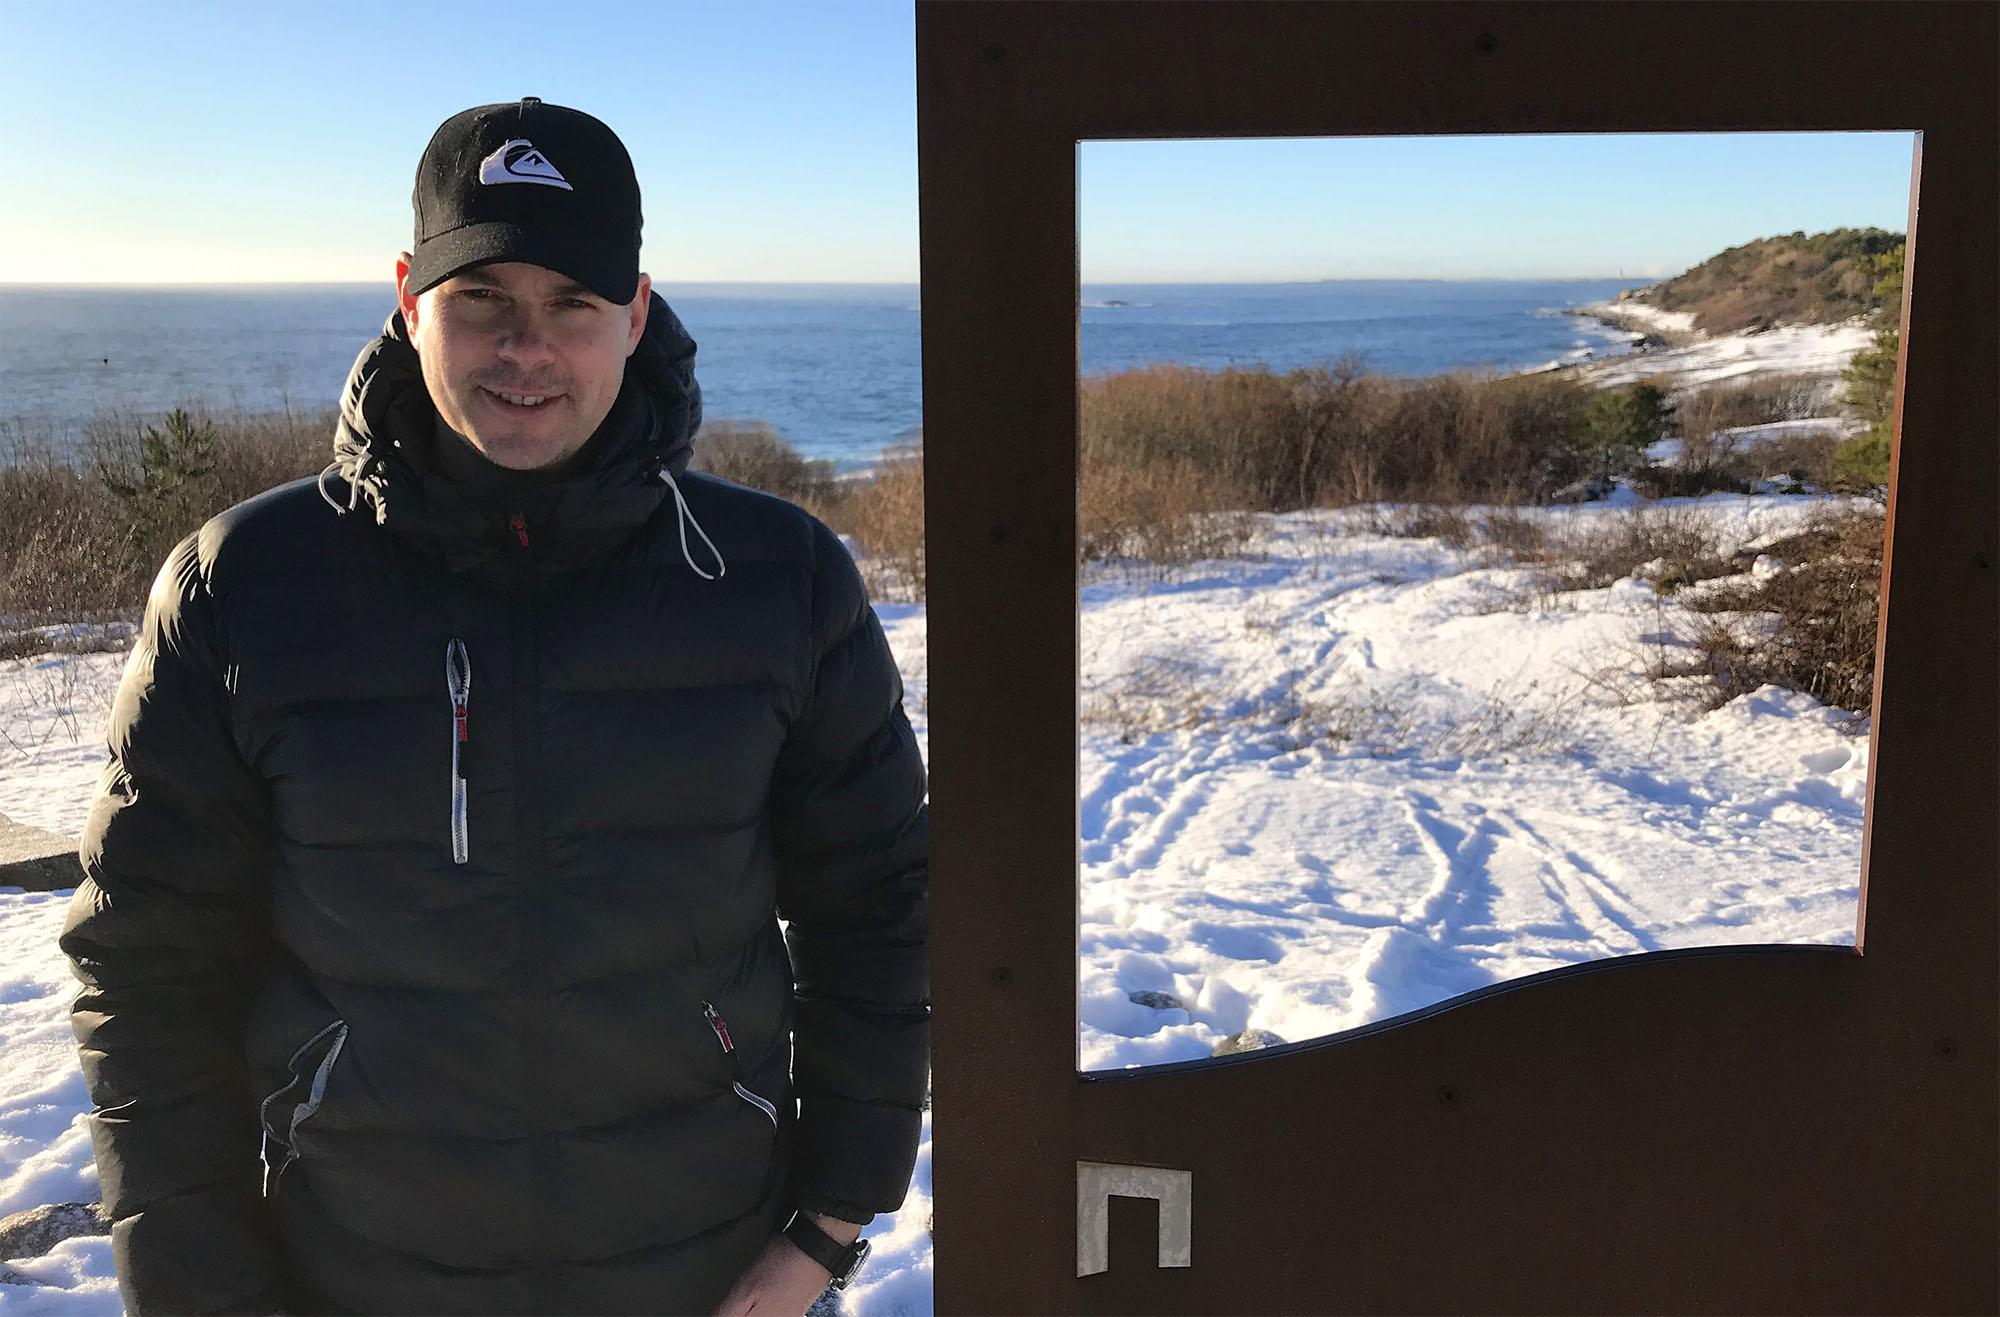 """Einar Fredriksen er medeier i Spornes gårdsbarnehage, og han pleier å kjøre skiløyper slik at ungene får skitrening. Da det plutselig ble uvanlig gode snøforhold på Spornes og Hovestrendene, bestemte han seg for å legge skispor rundt hele Hoveodden – til stor glede for hundrevis som hadde lagt turen til Hove på selveste """"Kom deg ut-dagen"""" søndag 3. februar. Et par dager senere var mye av snøen og de flotte skisporene vekk."""